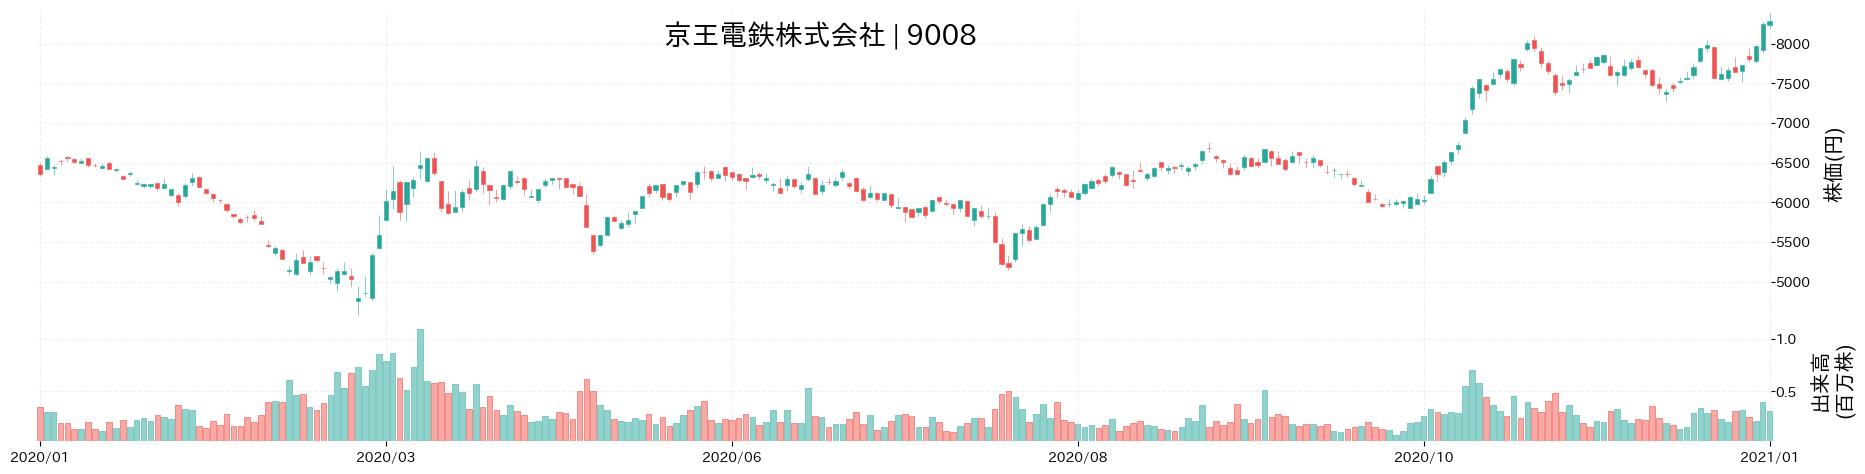 京王電鉄株式会社の株価推移(2020)